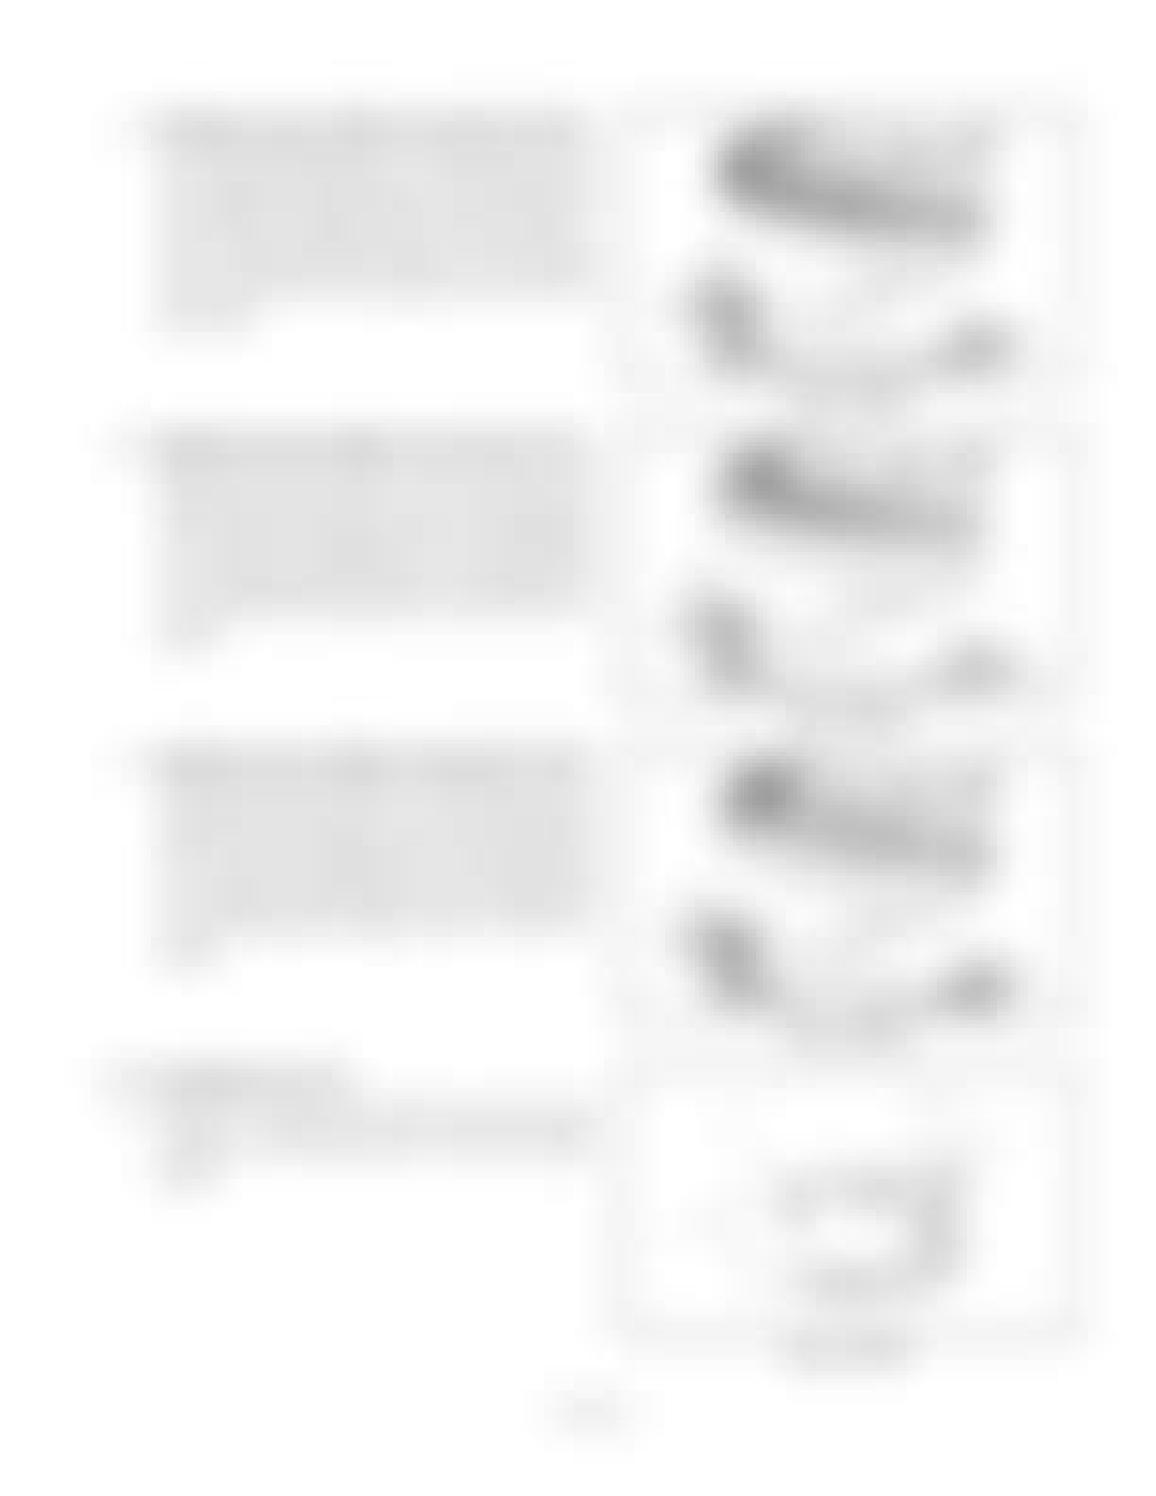 Hitachi LX110-7 LX130-7 LX160-7 LX190-7 LX230-7 Wheel Loader Workshop Manual - PDF DOWNLOAD page 241